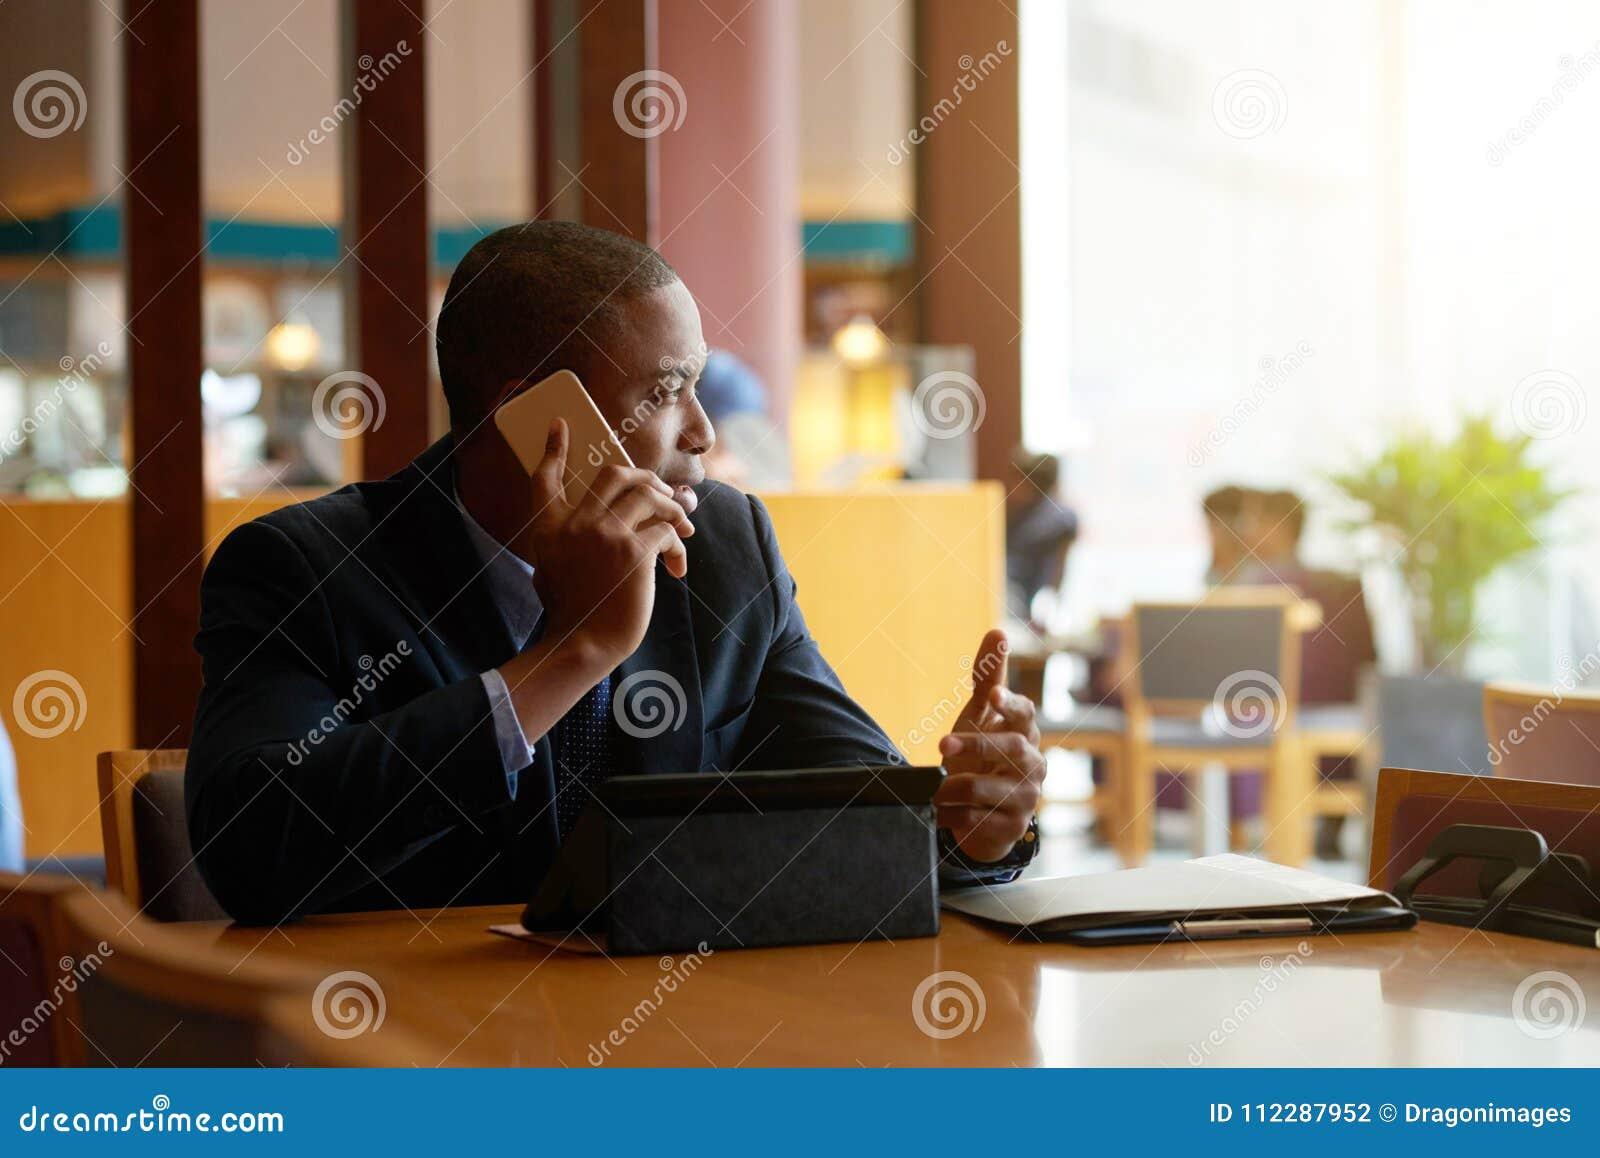 бизнесмен вызывать